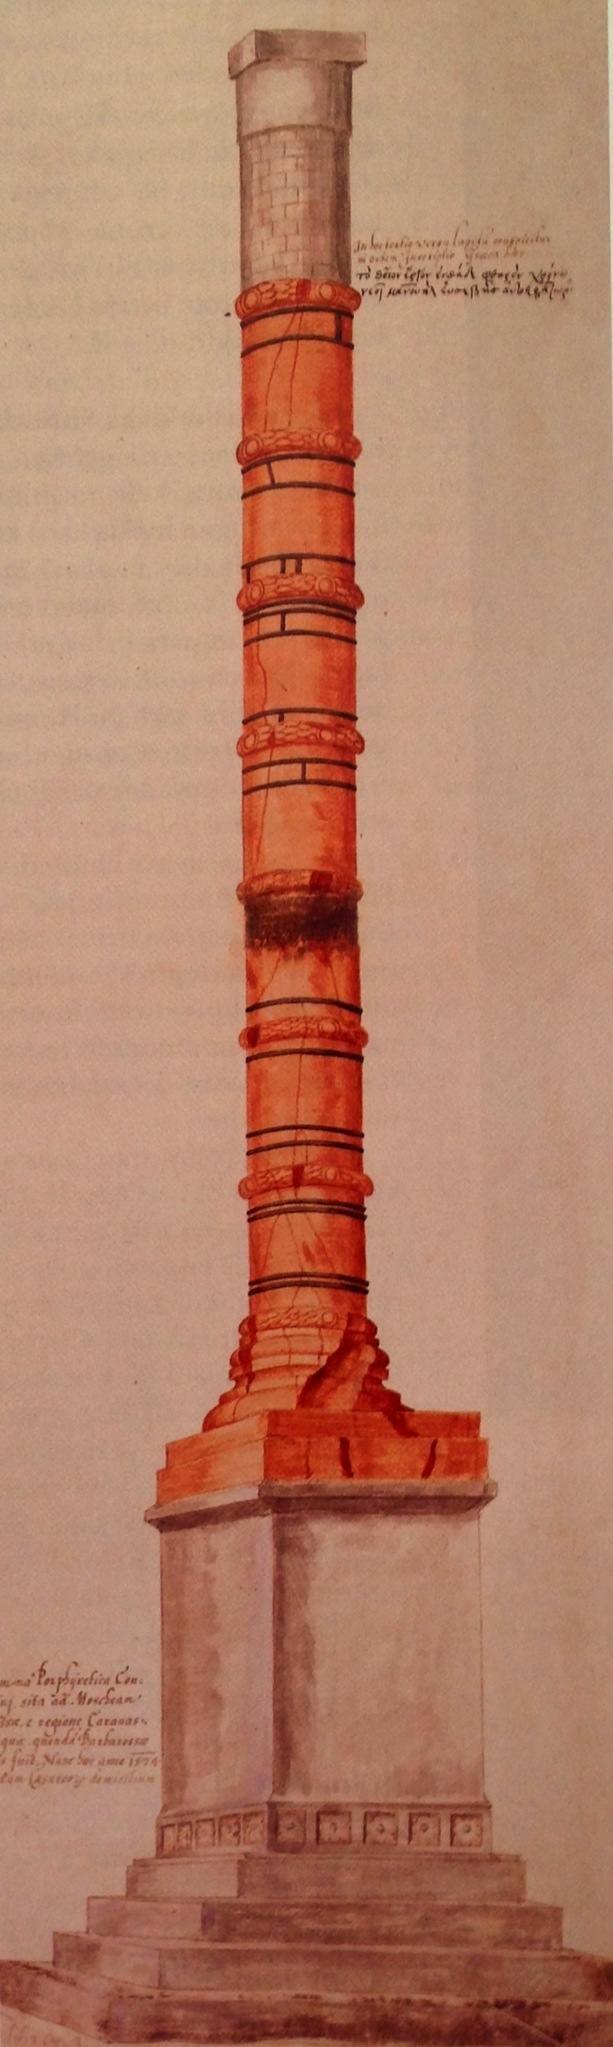 Konstantin Forumu, bugünkü Çemberlitaş'ta I. Konstantin tarafından inşa ettirilir. Kuzey-Güney yönünde oval planlı olduğu ve iki katlı revaklarla çevrili olduğu düşünülüyor. Forum'da senato binası, anıtsal bir çeşme (nymphaeum) ile gümüş işleyen esnaf ve mumcuların dükkanları bulunurdu. Zemini mermer, çevresi heykel ve kabartmalarla süslenmişti. Meydanın iki kemerli girişi vardı. Konstantin, foruma, kendi siparişi olan çok sayıda heykel yerleştirmişti. Eşsiz imparatorluk taşının, yani Mısır'dan getirilen kırmızı somaki mermerden yapılma masif sütunun üzerine dikili, imparatoru güneş olarak canlandıran heykel forumun merkezindeydi. Bu sütunun Roma'daki Apollon Tapınağı'ndan sökülüp getirildiği de söylenir. Bu sütun Yeni Roma'ya dikildiğinde, üzerine Apollon ile aynı pozda, doğuya bakarak güneşi selamlayan Büyük Konstantin'in heykelinin konduğu öne sürülür. Konstantin Sütunu'nun dörtgen kaidesine, imparatorlara adanan bir tapınma yeri yapılır. Yaklaşık 50 metre yüksekliğinde olduğu; porfir sütunun tepesinde İmparator Büyük Konstantin'in heykelinin durduğu; 5. yüzyılda sütundan bir parça kopmasının ardından çemberle güvenlik sağlandığı; 1106'daki fırtınada heykel ile tamburlardan üç parça düştüğü, çok sayıda insanın öldüğü; I. Manuel Komnenos (1143-1180) tarafından onartıldığı; bu onarımda yeni başlık üzerine bir haç dikildiği; 1515'deki yangında çok zarar gördüğü, bu yüzden çemberlerle sağlamlaştırıldığı, bu tarihten itibaren semtin Çemberlitaş olarak anıldığı bilinmektedir. Semte adını veren Çemberli Taş, Yanık Sütun olarak da bilinir. Çemberlitaş semtinin anıt yapıları arasında Binbirdirek ve Şerefiye (Maksima) sarnıçları da sayılabilir.